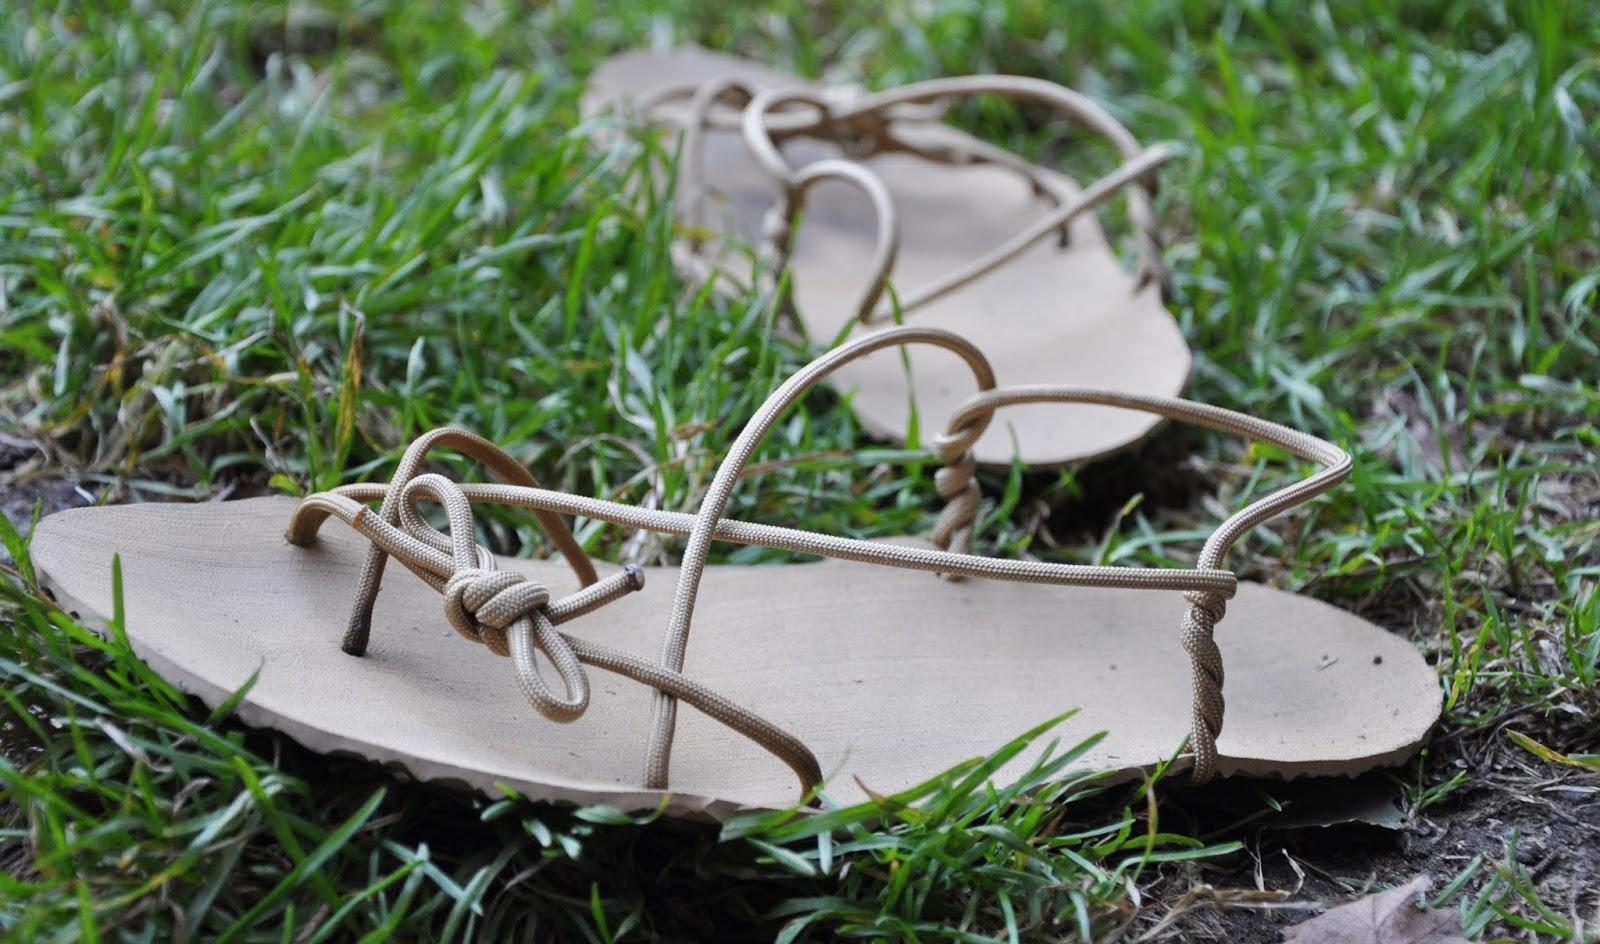 Moje první vlastnoručně vyrobené boty - barefoot sandále nazývané taky jako  huarache. Použila jsem plotnu adidas o tloušce 4 mm v béžové ... 29e8269117